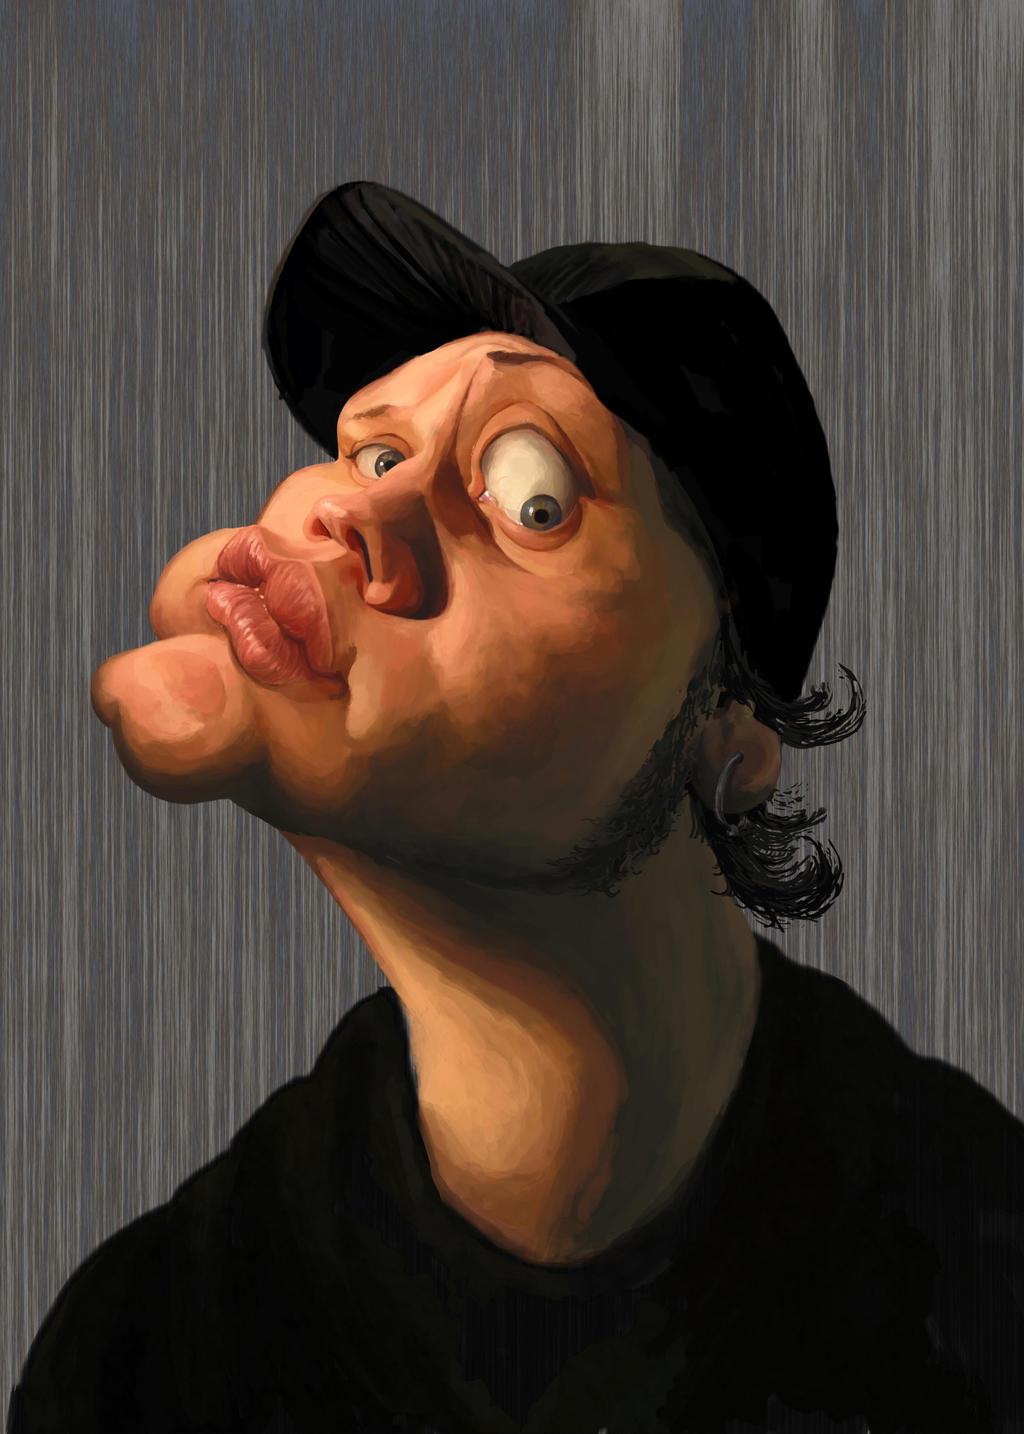 Self Caricature by Zitman